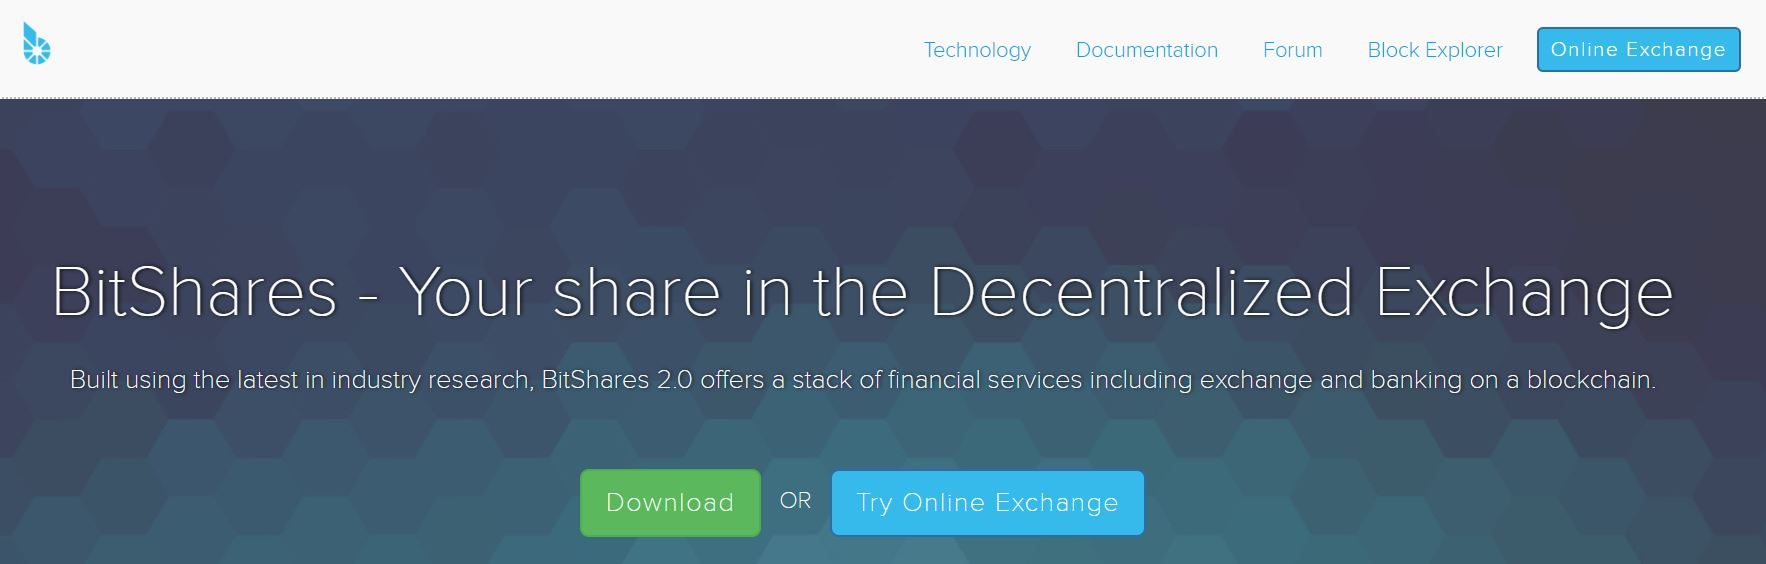 bitshares Online exchange